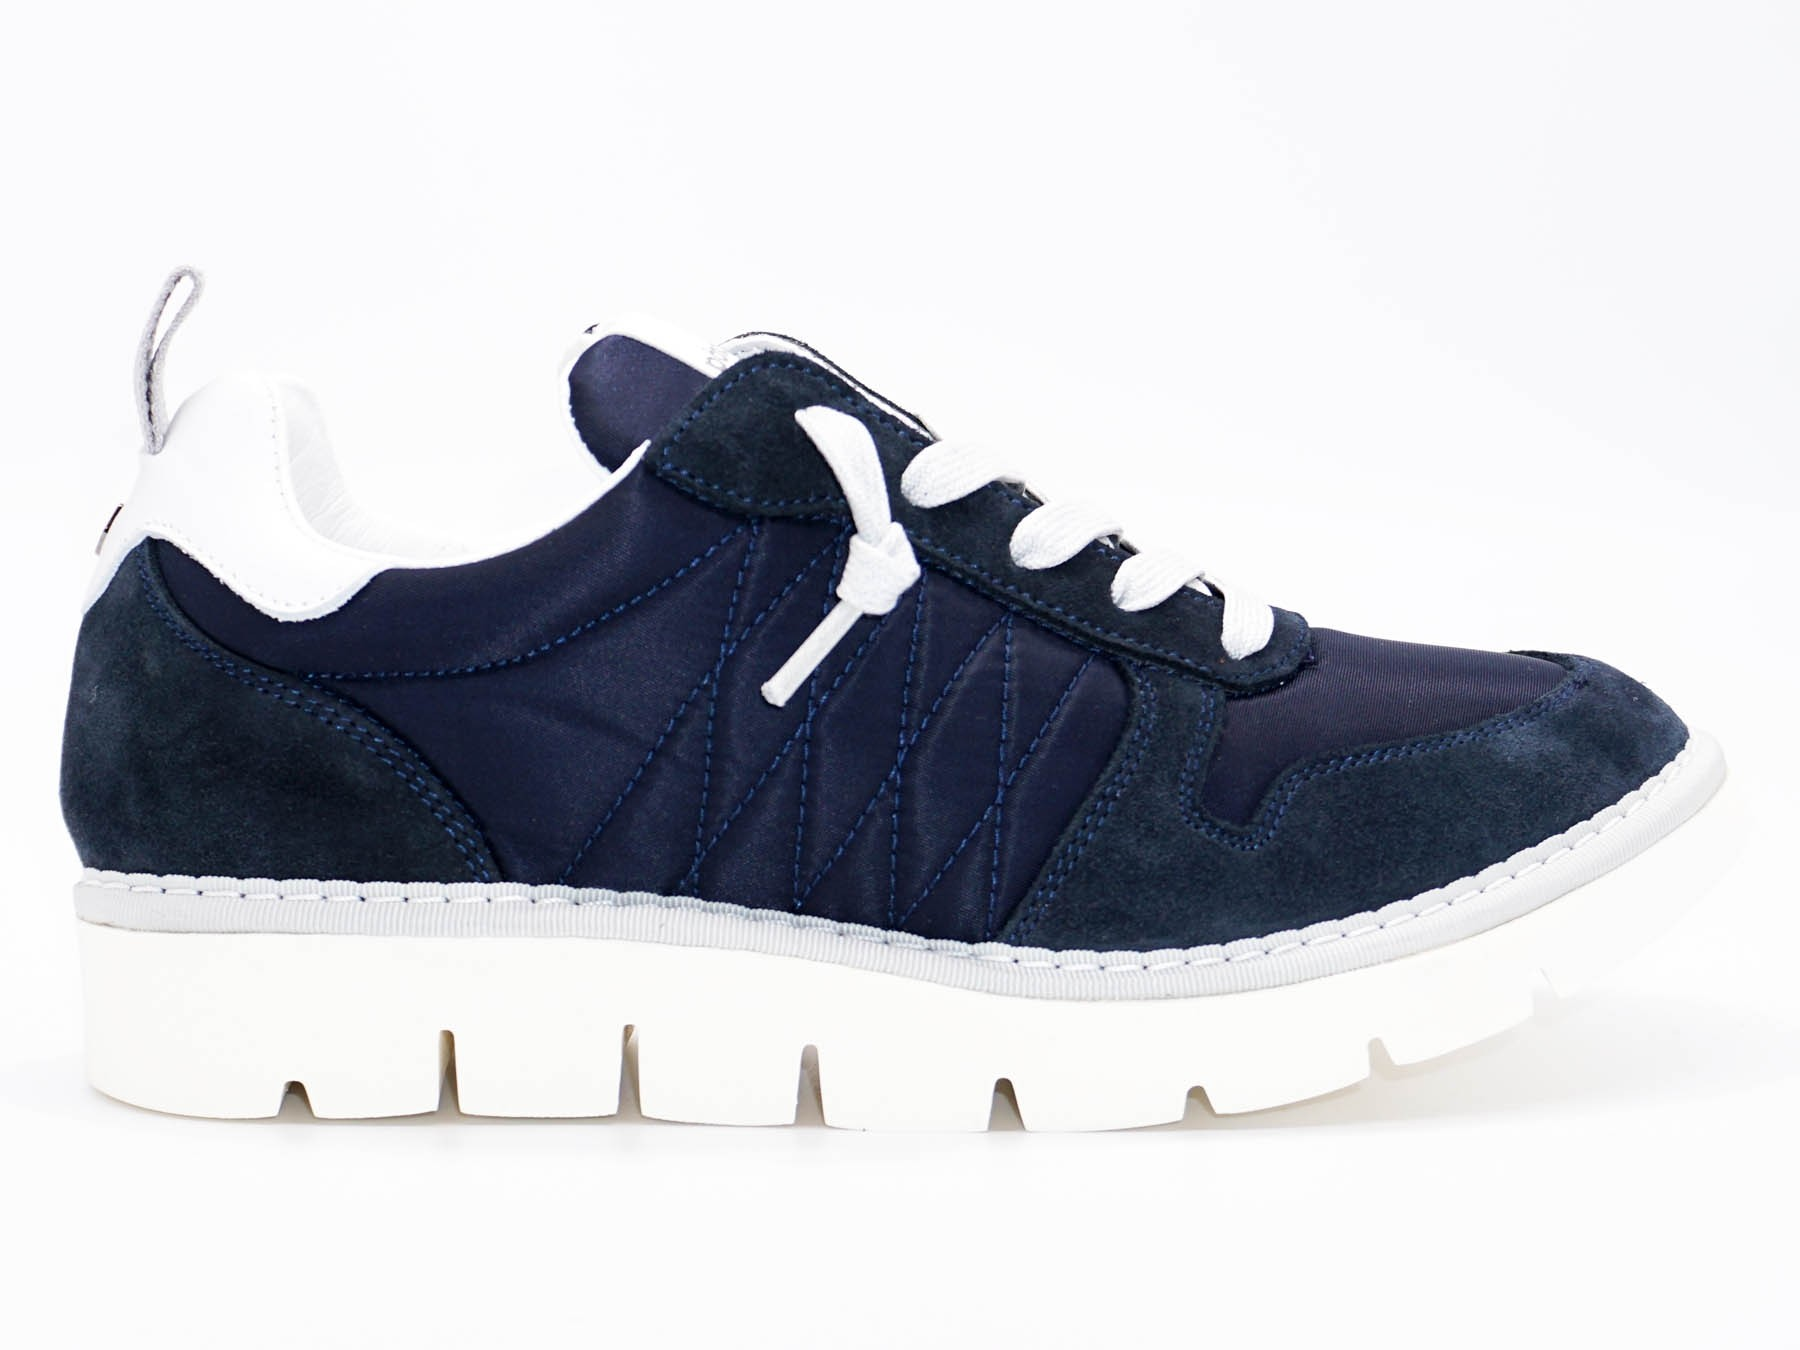 Panchic Sneaker Slip-On Low Cut